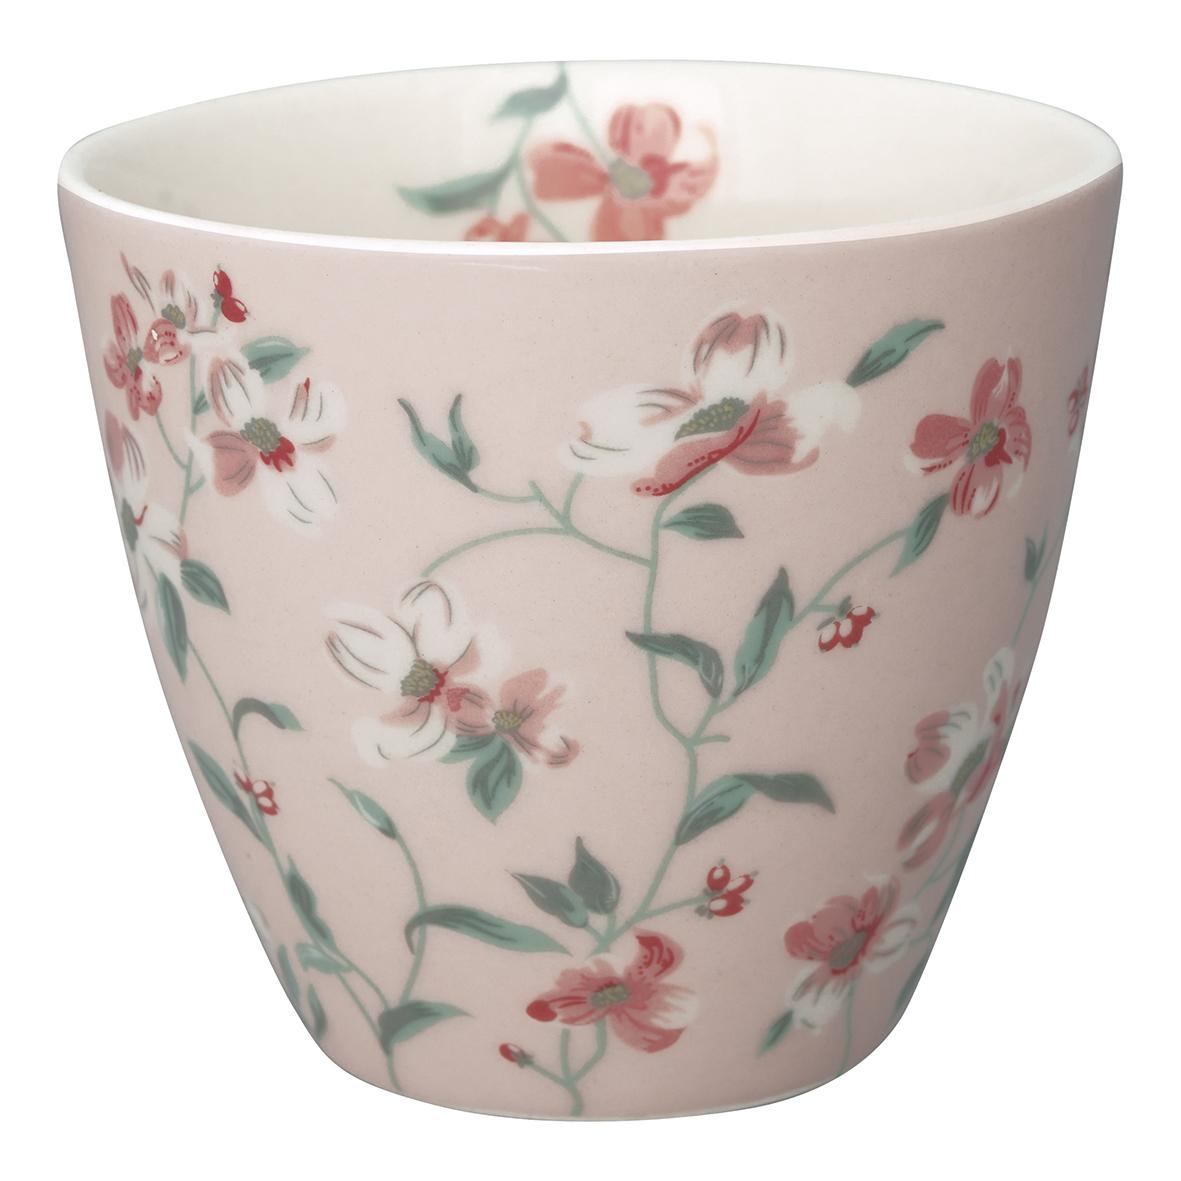 GreenGate Becher Latte Cup Jolie Pale Pink